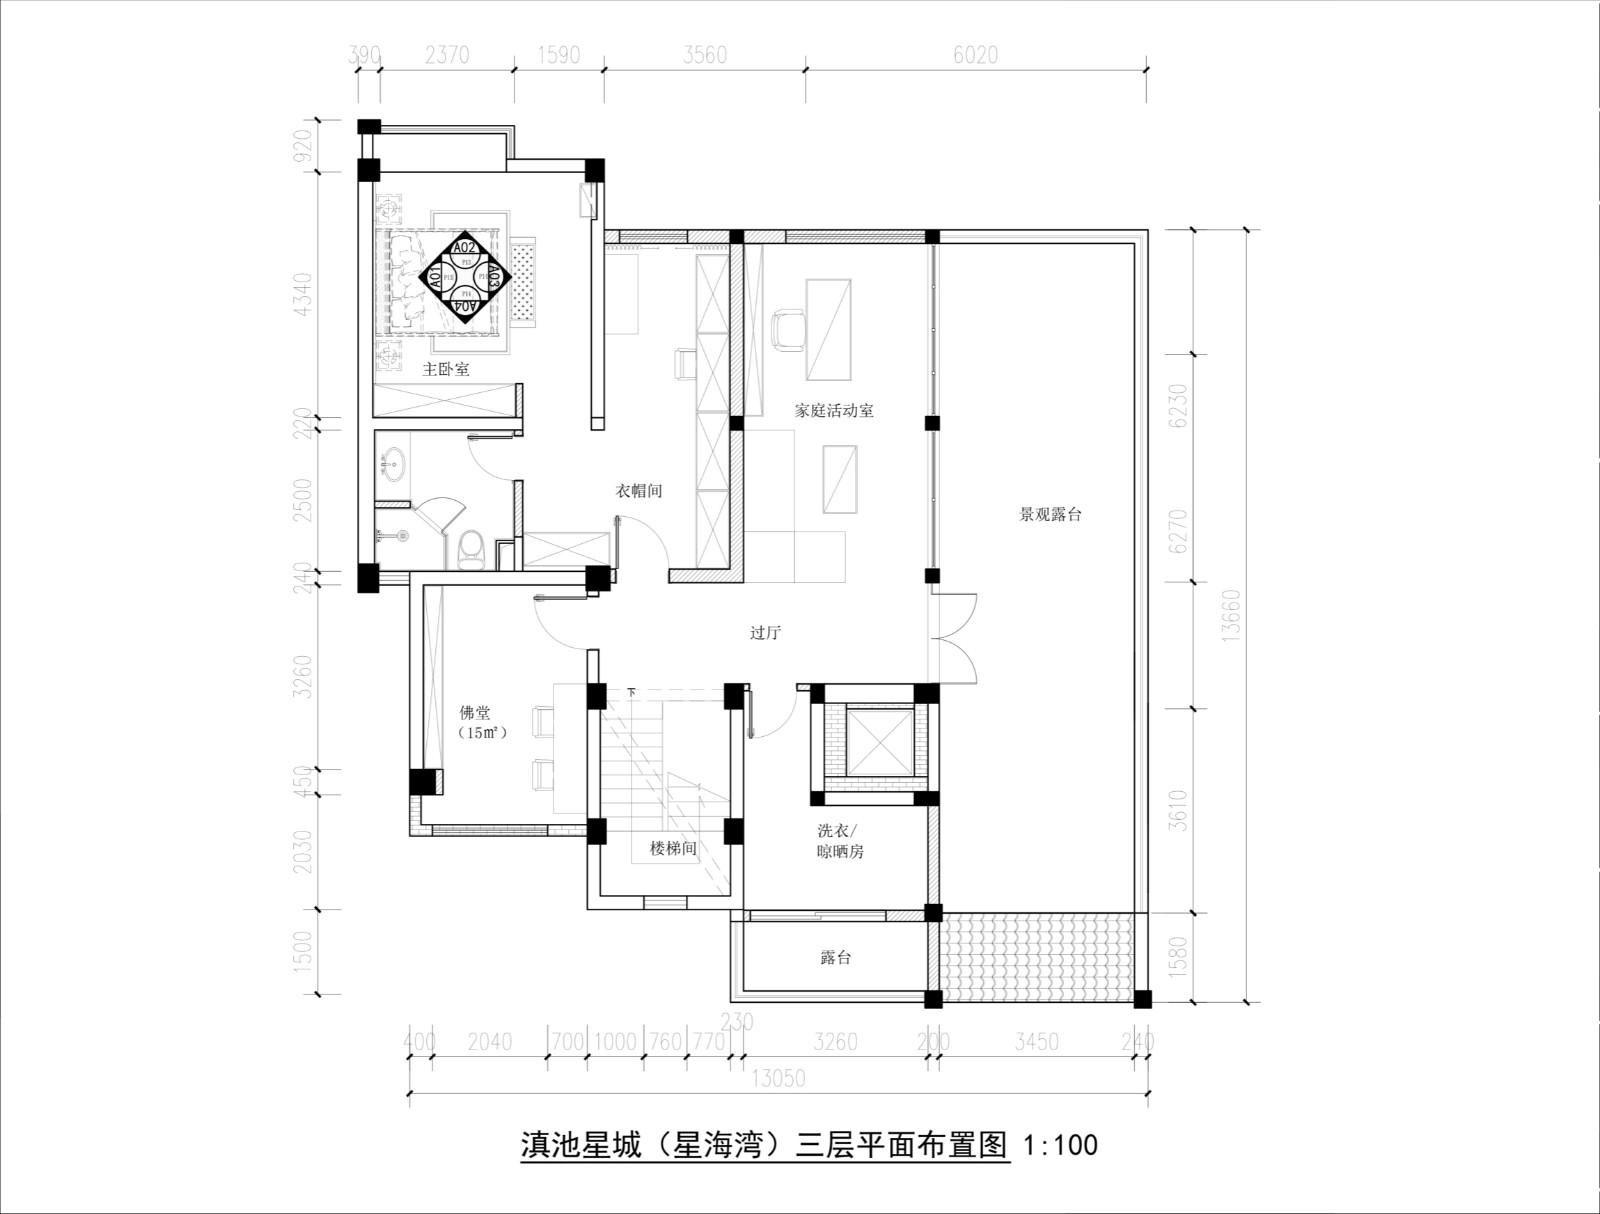 昆明 · 星海灣別墅設計丨長空創作插图49